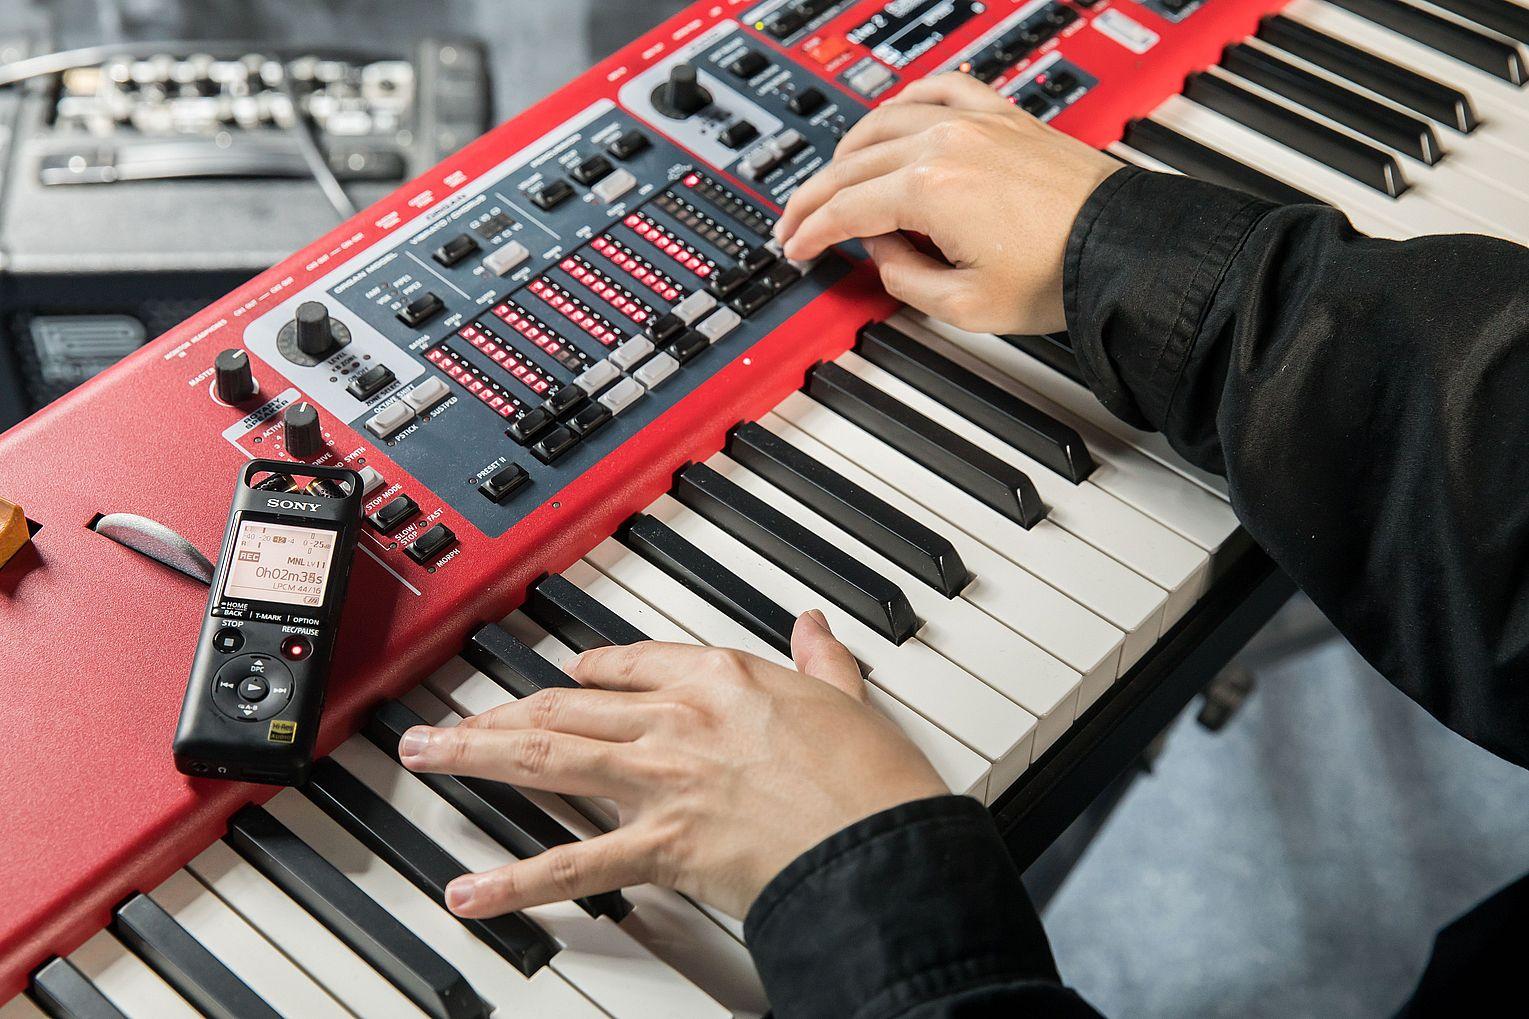 Sony PCM-D10 & PCM-A10 專�錄音� ╳ 戰犯音樂創辦人陳小律:高解析音質滿足音樂人的取樣創作需求